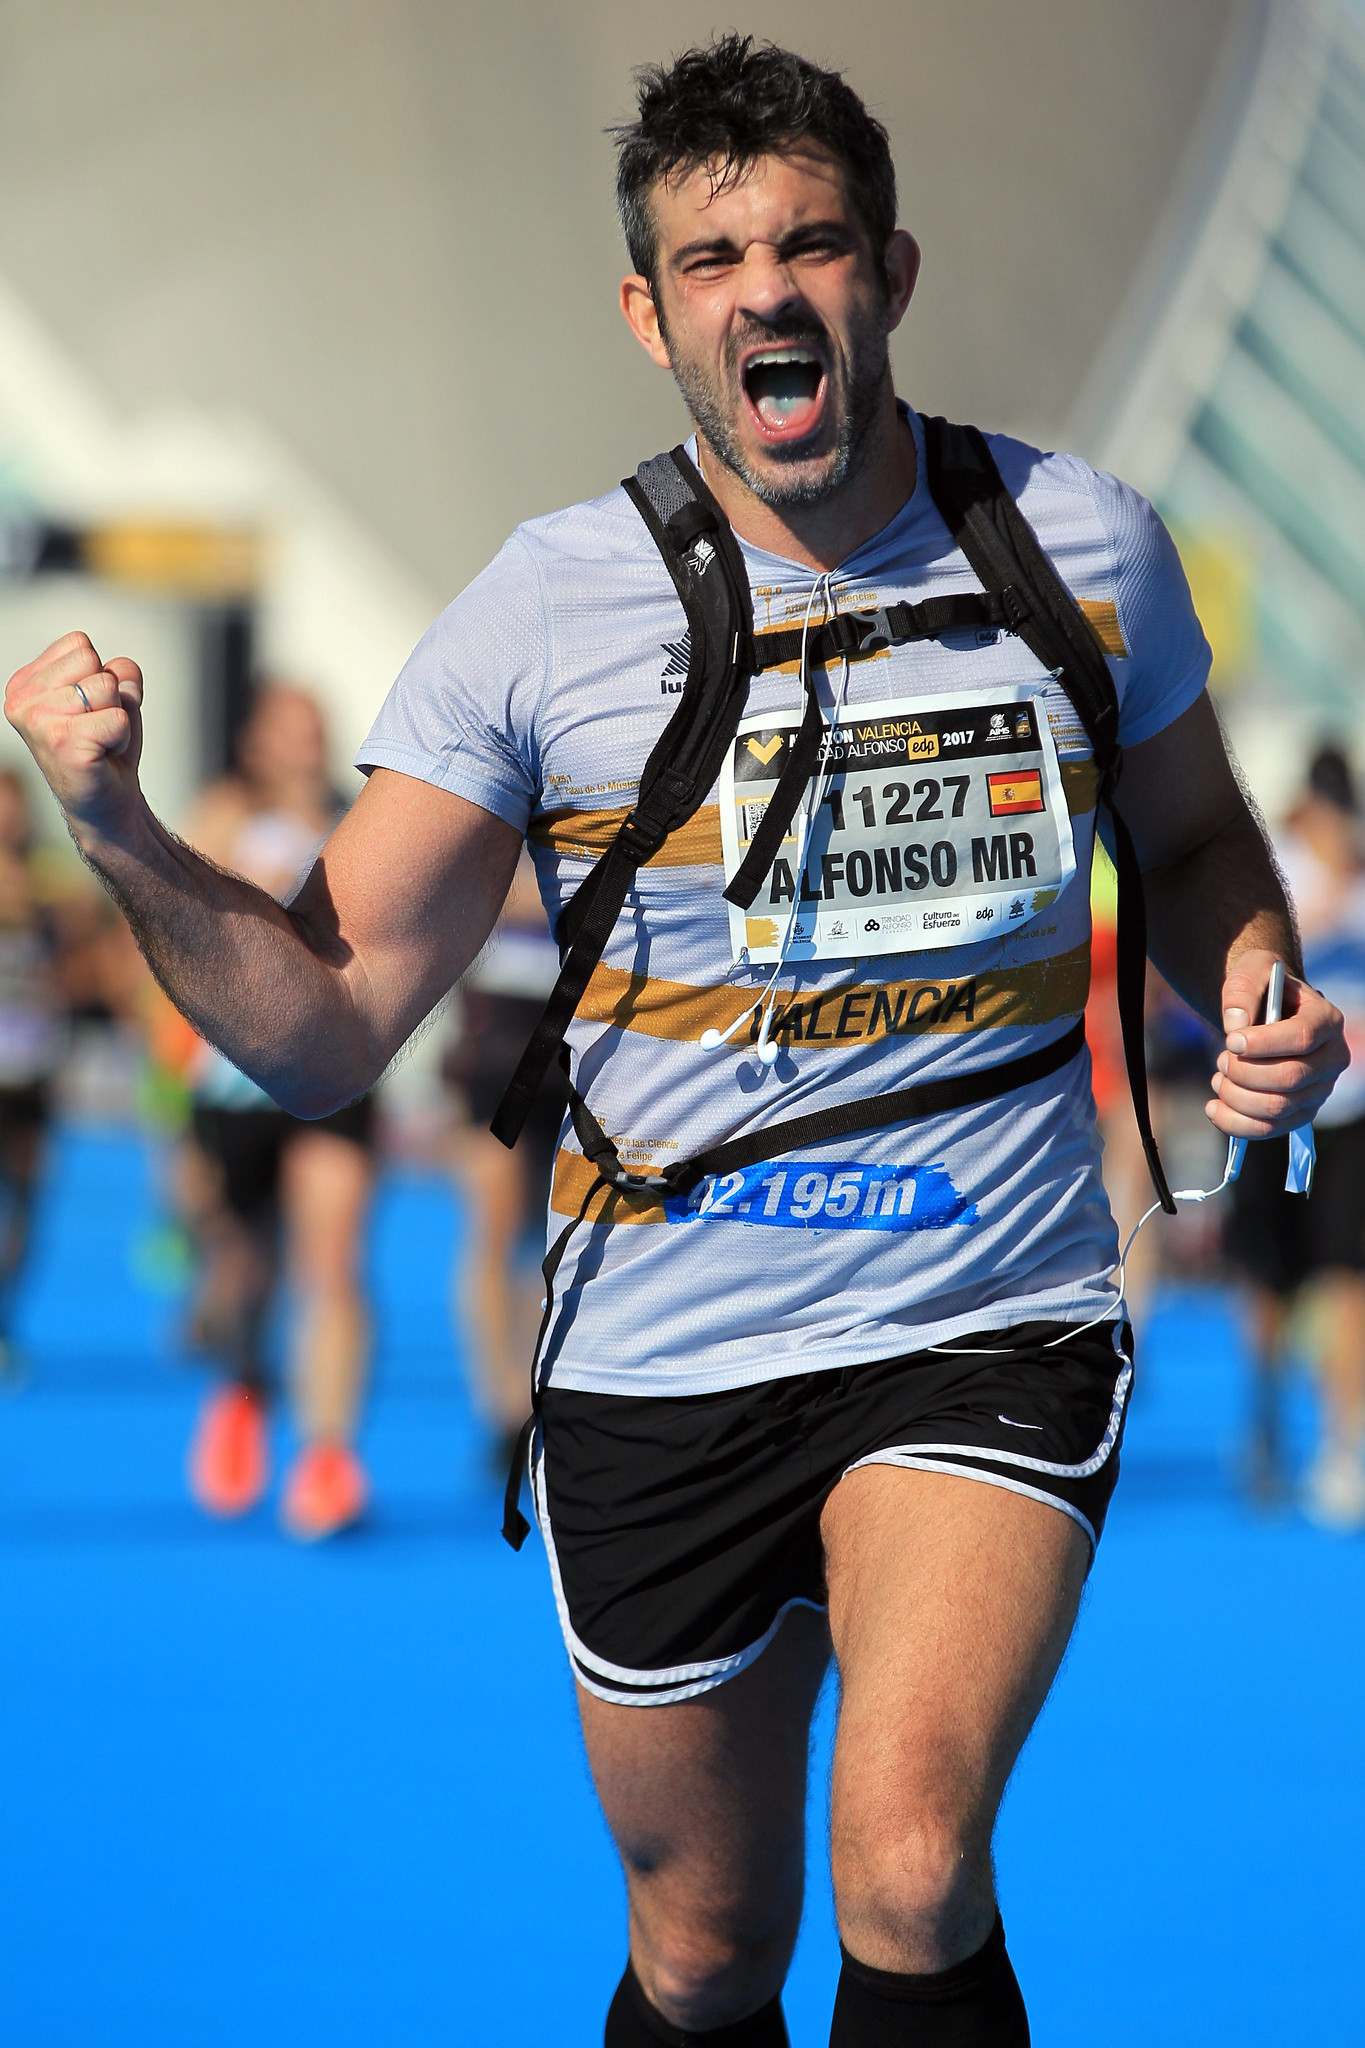 Correr el Maratón de Valencia, España - Marathon Spain maratón de valencia - 32256603197 76a309393d k - Maratón de Valencia: análisis, recorrido, entrenamiento y recomendaciones de viaje